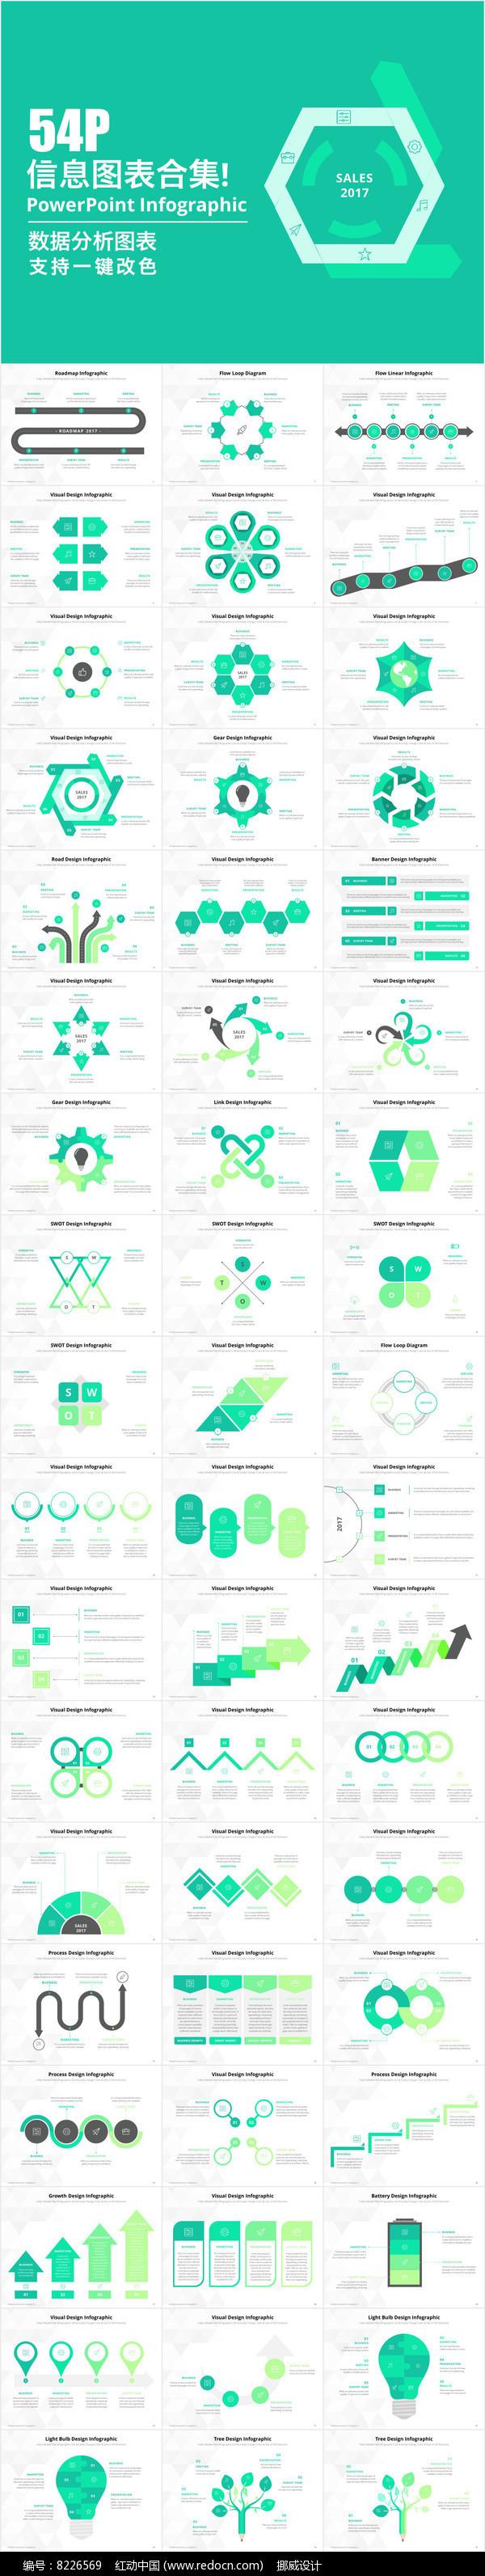 54页数据统计分析ppt商务图表合集模板图片